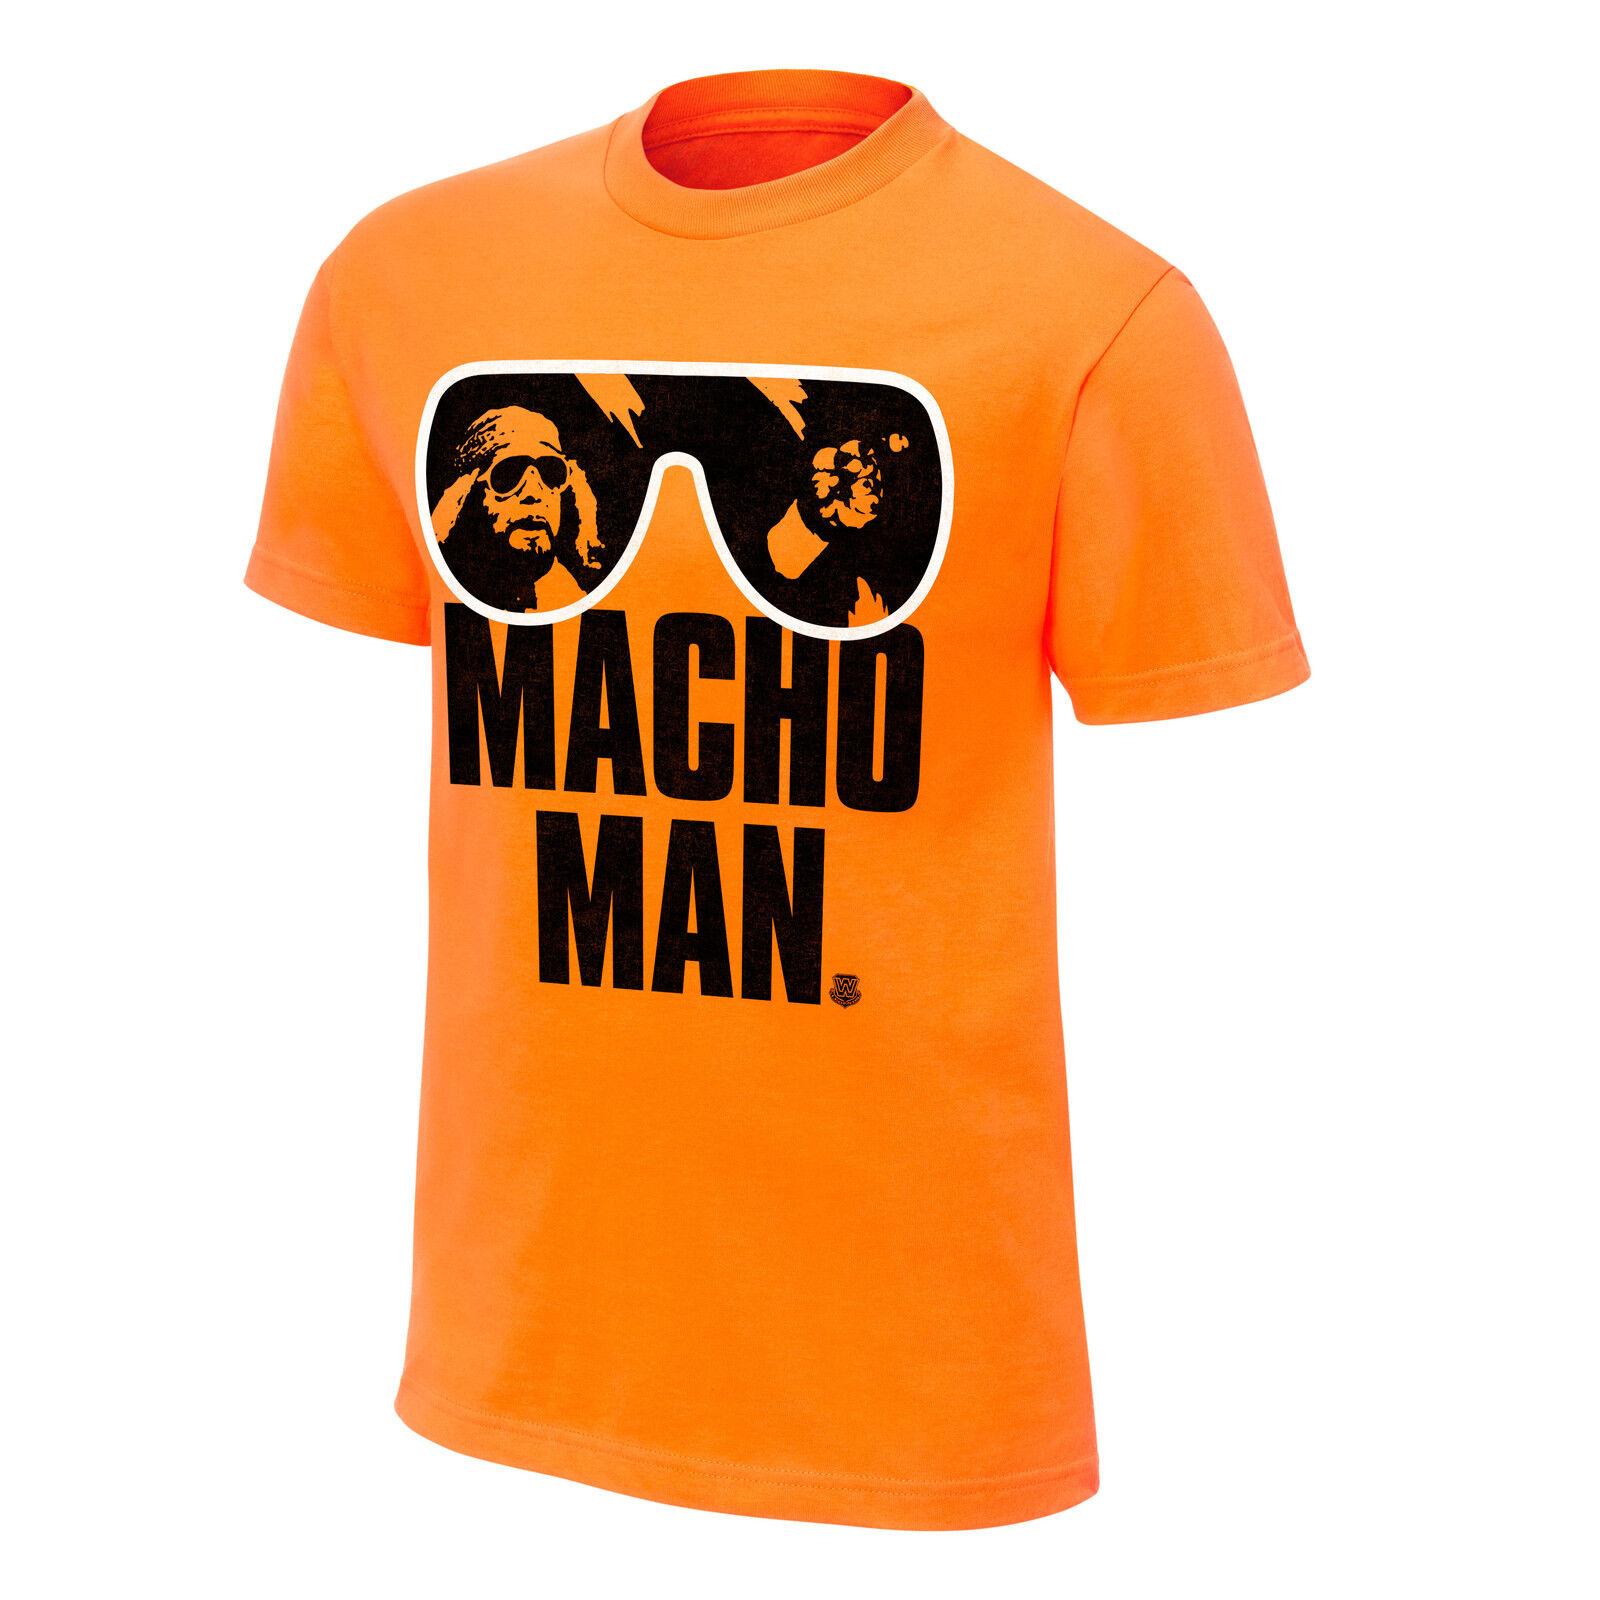 WWE Macho Man Randy Savage T-Shirt Orange L XL neu und ungetragen OVP WWF   | Nicht so teuer  | Outlet Store Online  | Qualitätskönigin